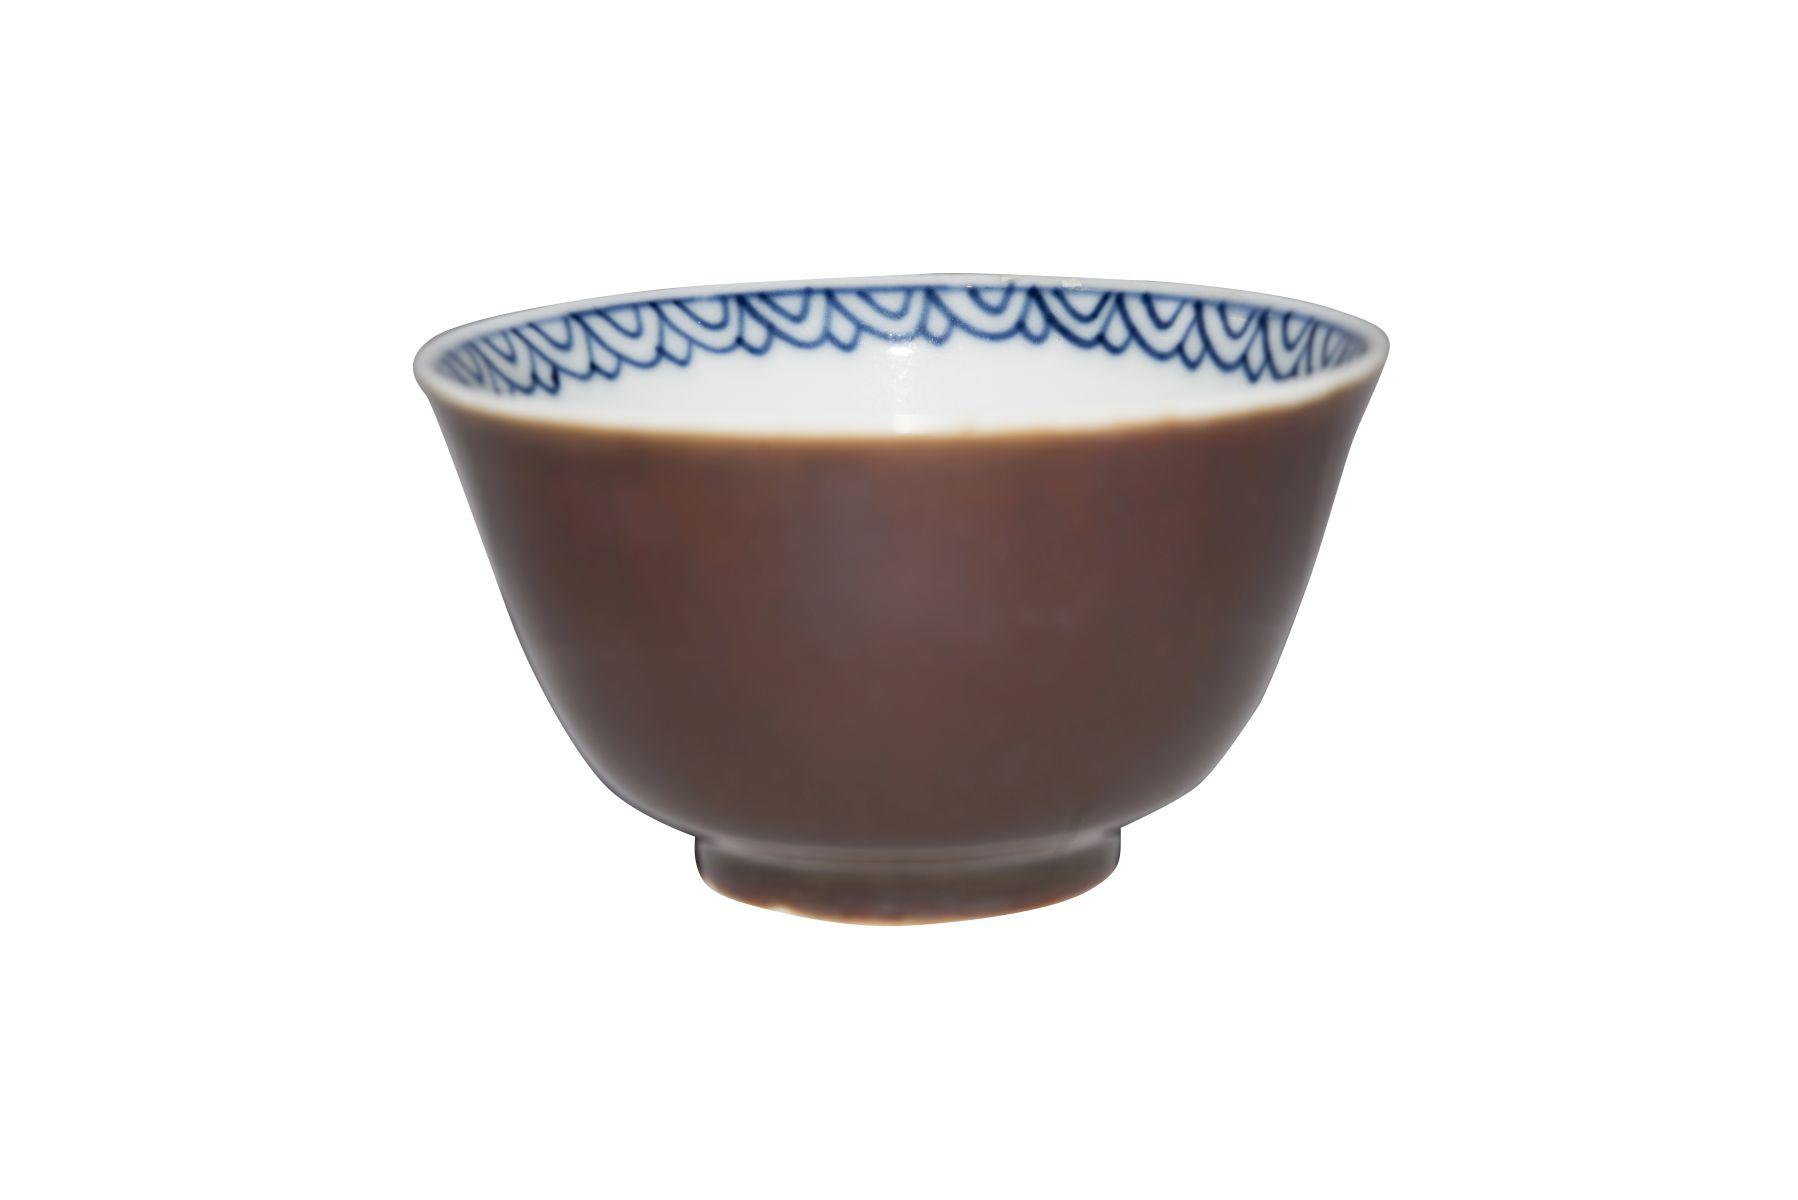 #7 a rare Meissen cup | Sehr seltene Meissen Tasse 19. Jahrhundert Image